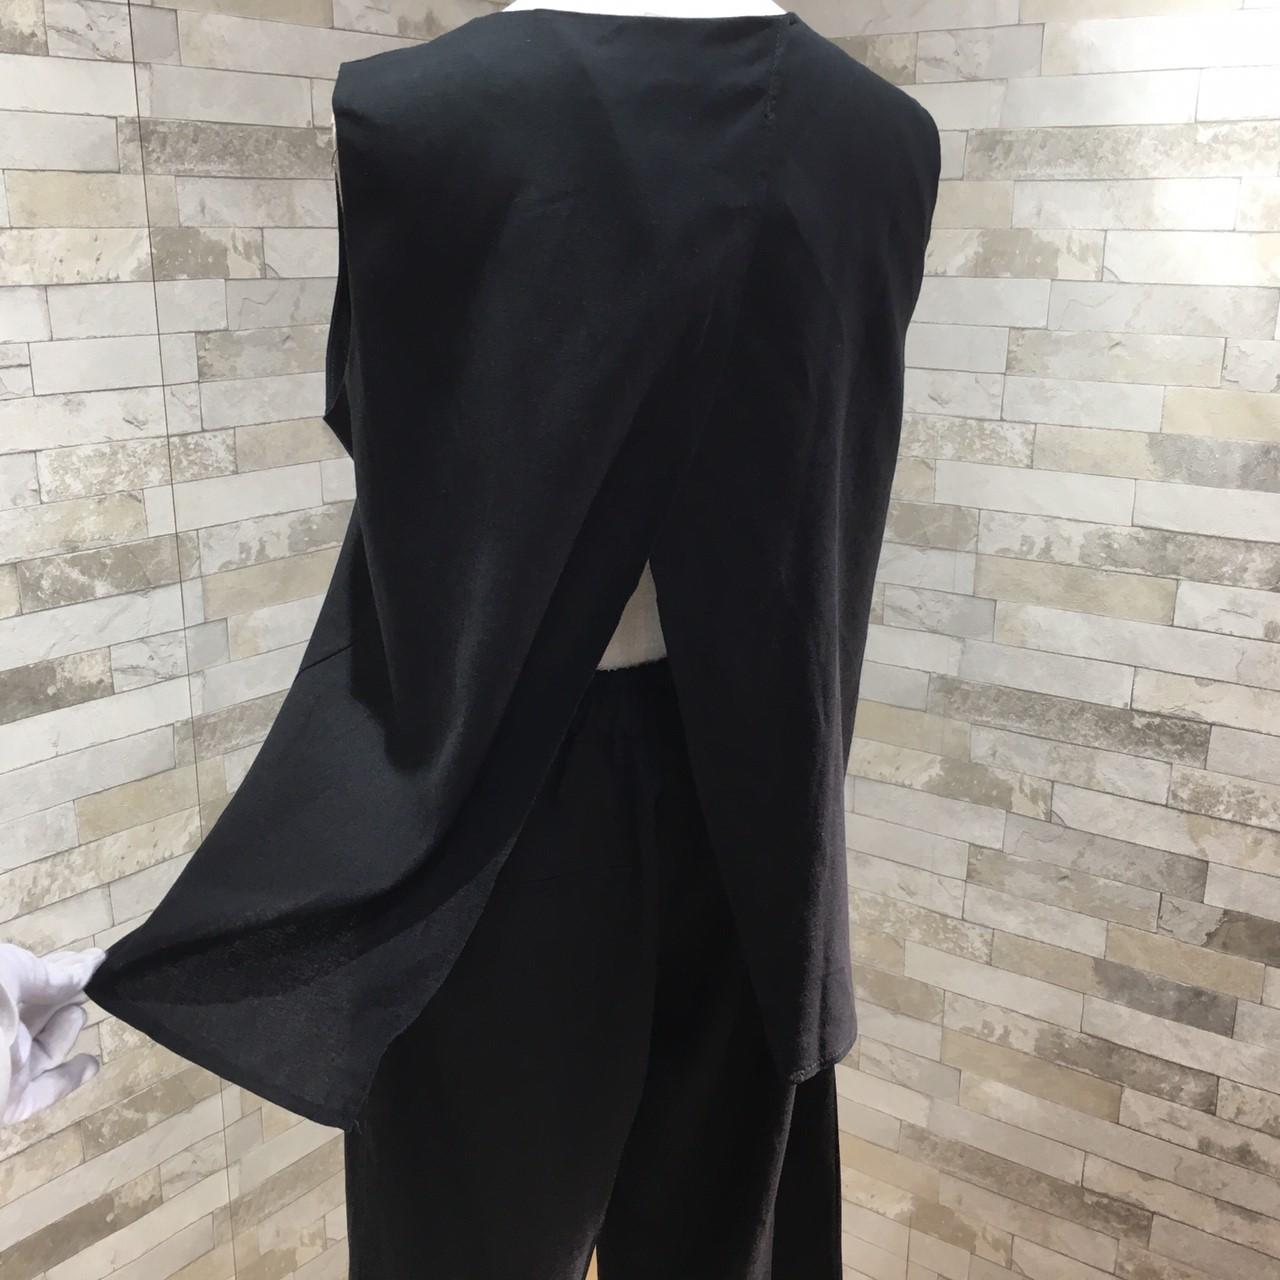 韓国 ファッション セットアップ 春 夏 カジュアル PTXF216  リネン アシンメトリー バックスリット 九分丈 ワイドパンツ リゾート オフィス オルチャン シンプル 定番 セレカジの写真16枚目